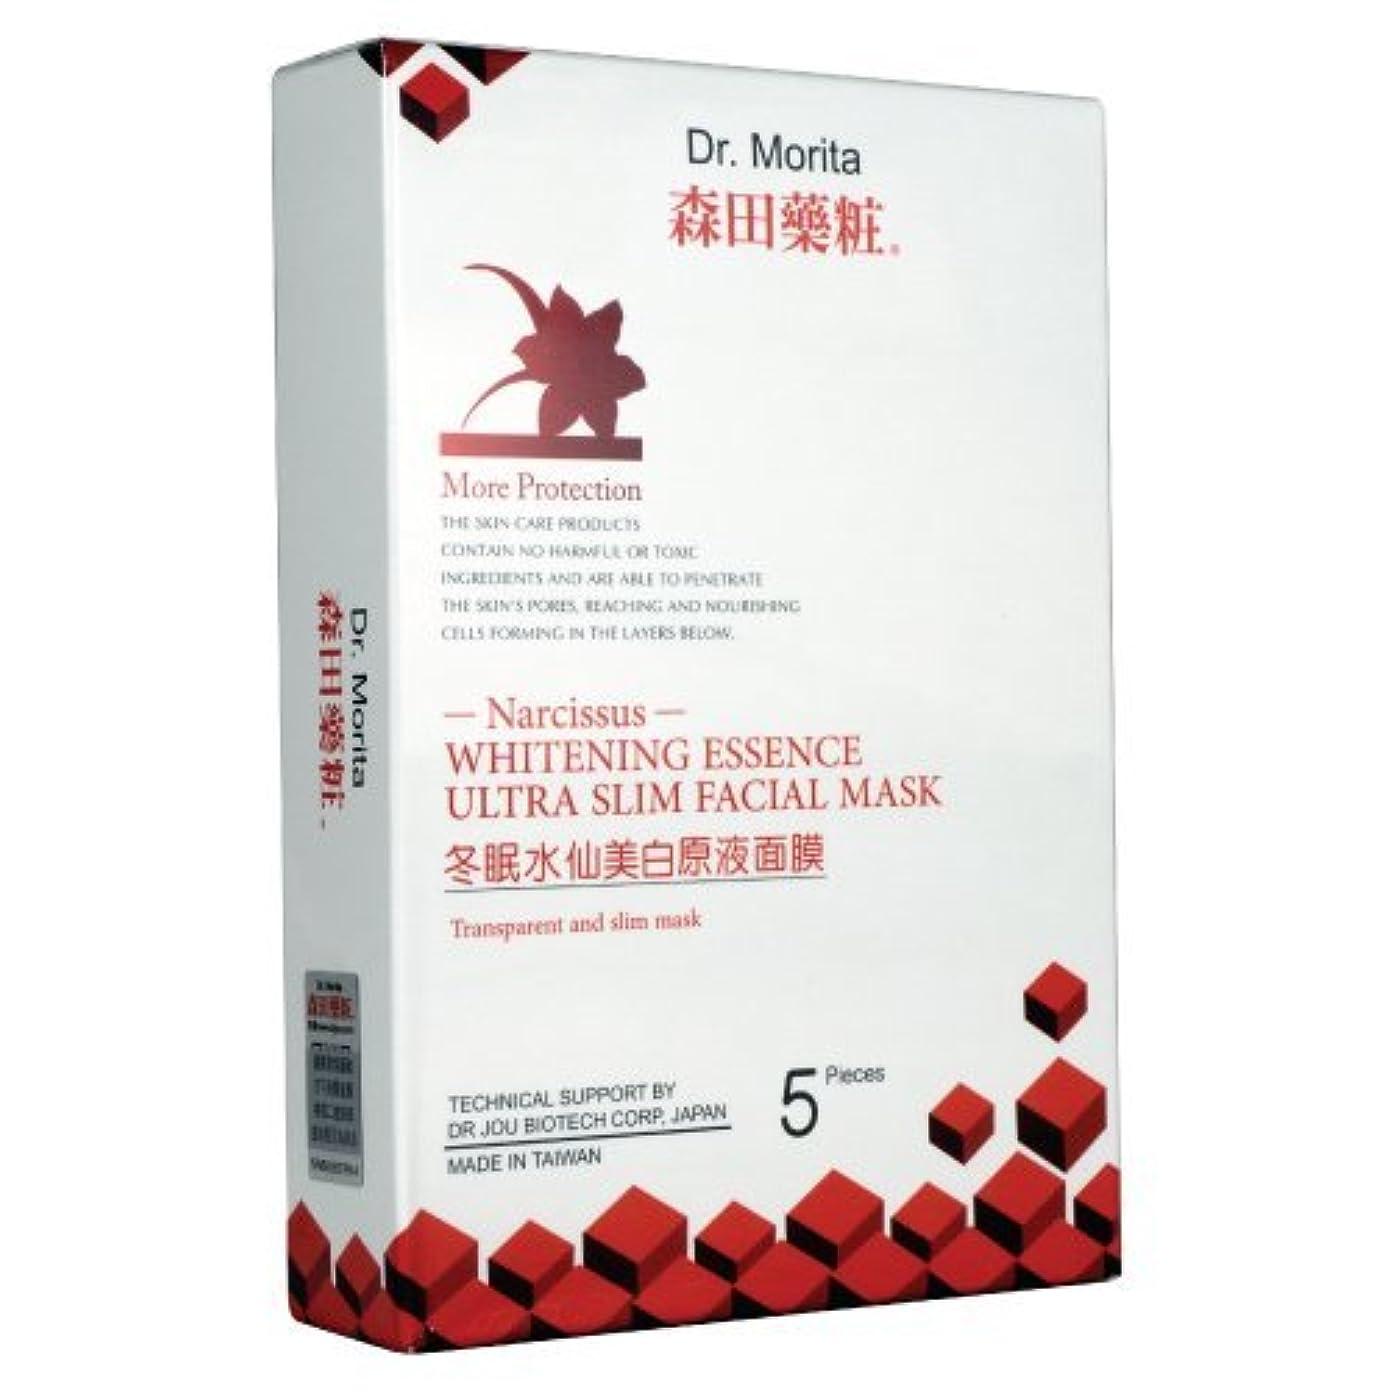 祈り保持する第三Doctor Morita ナルシス白いマスク-5薄い皮膚の傷に、皮膚若々しく、健康な状態を保つ美白含まれています